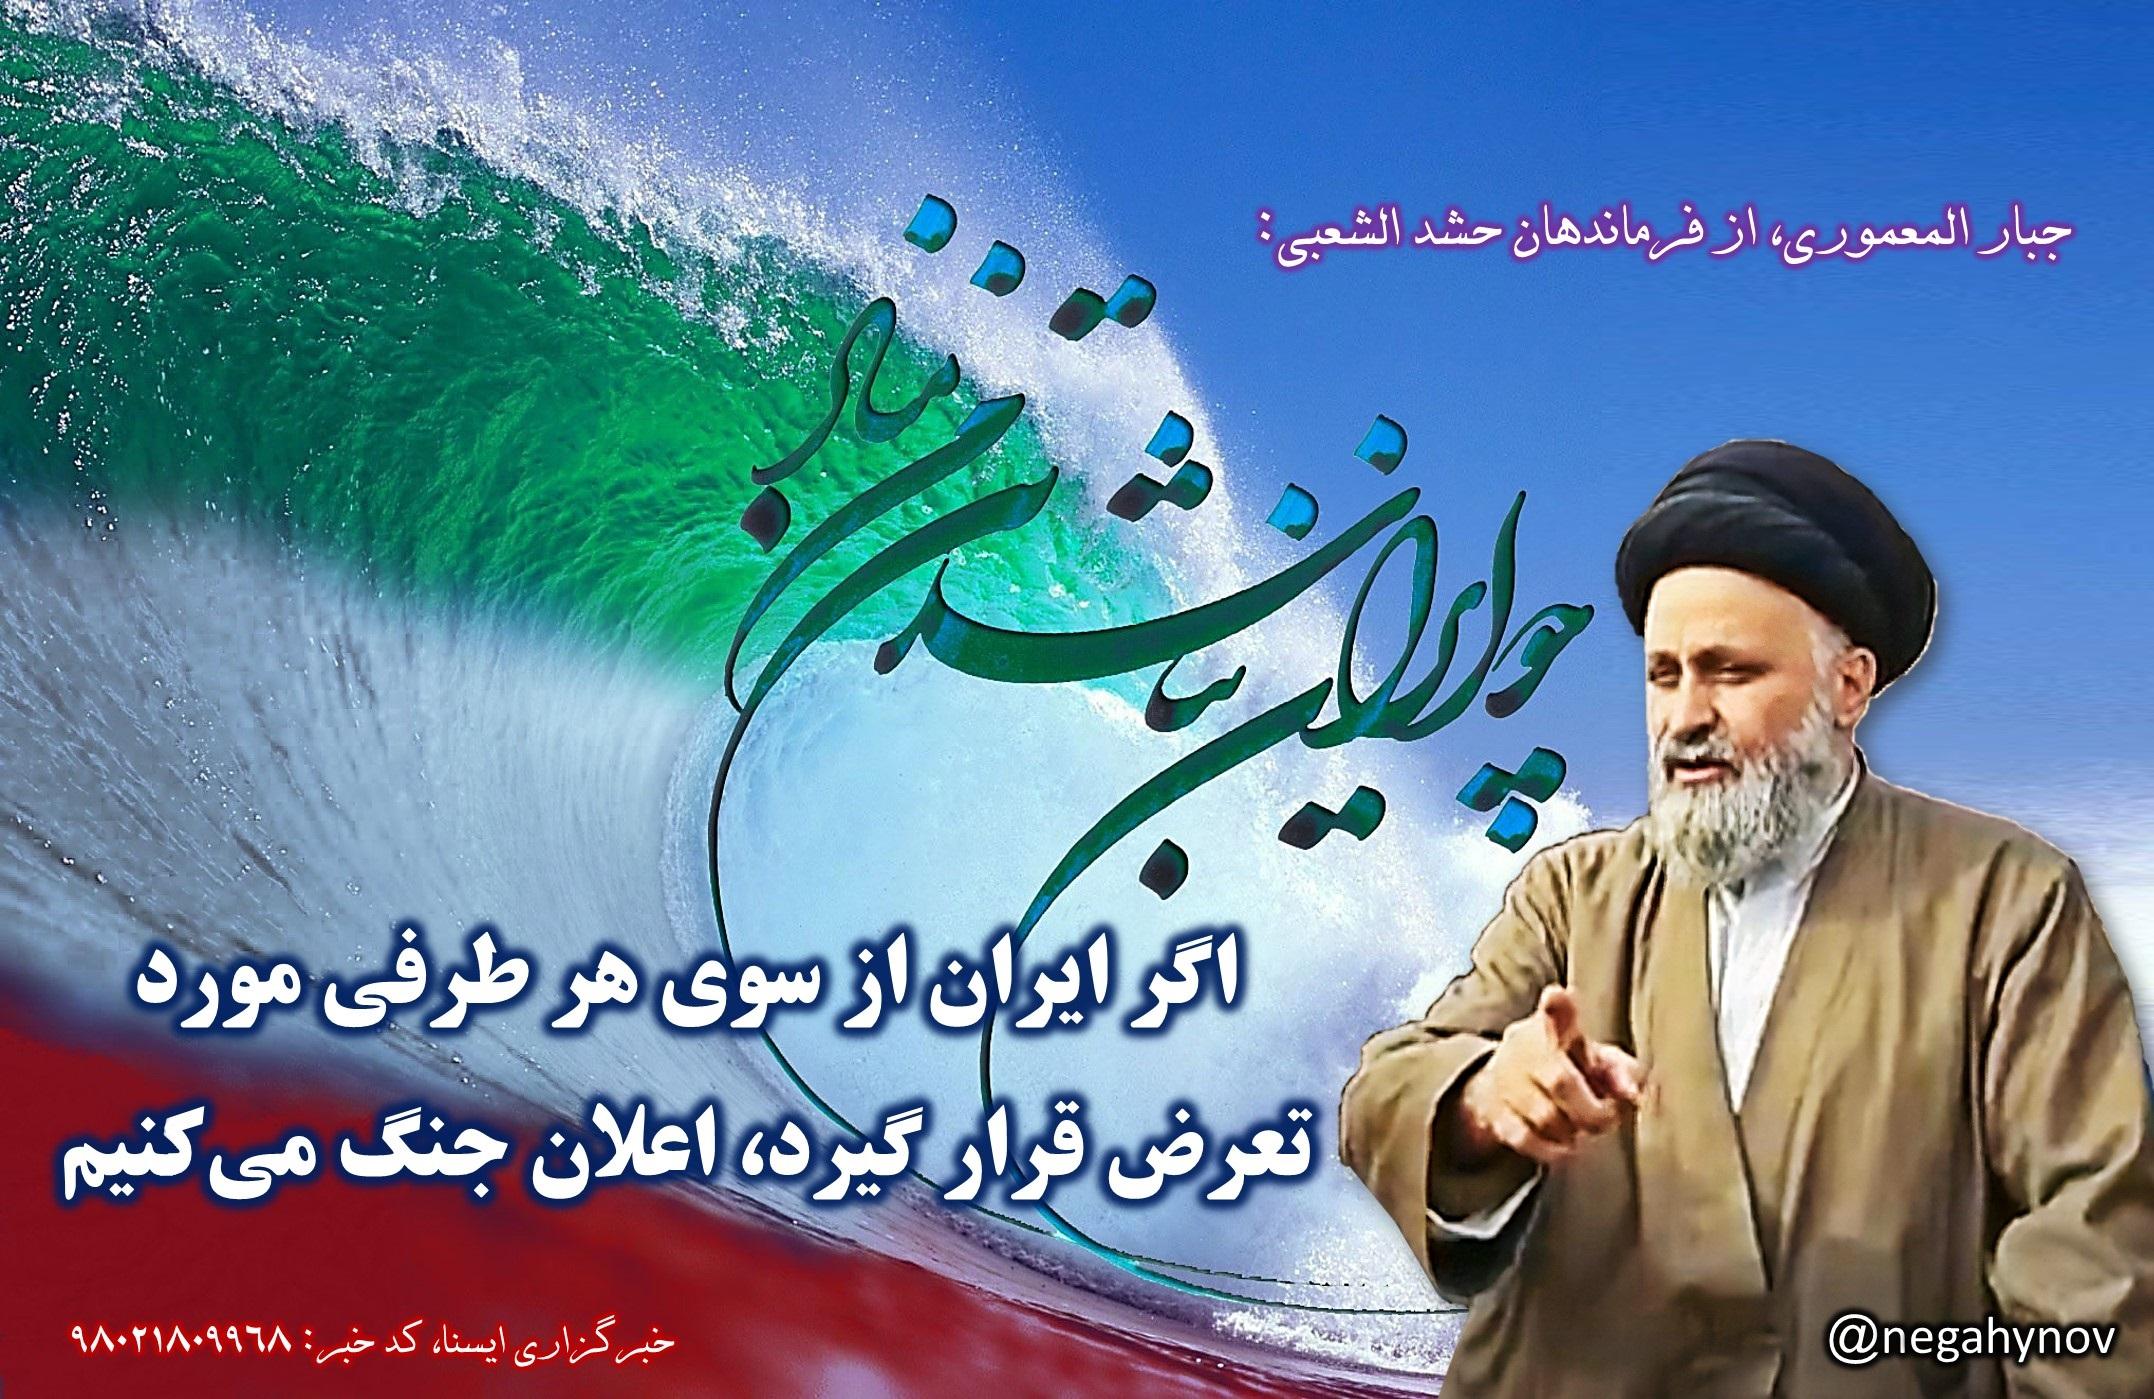 حمایت از ایران - نگاهی نو